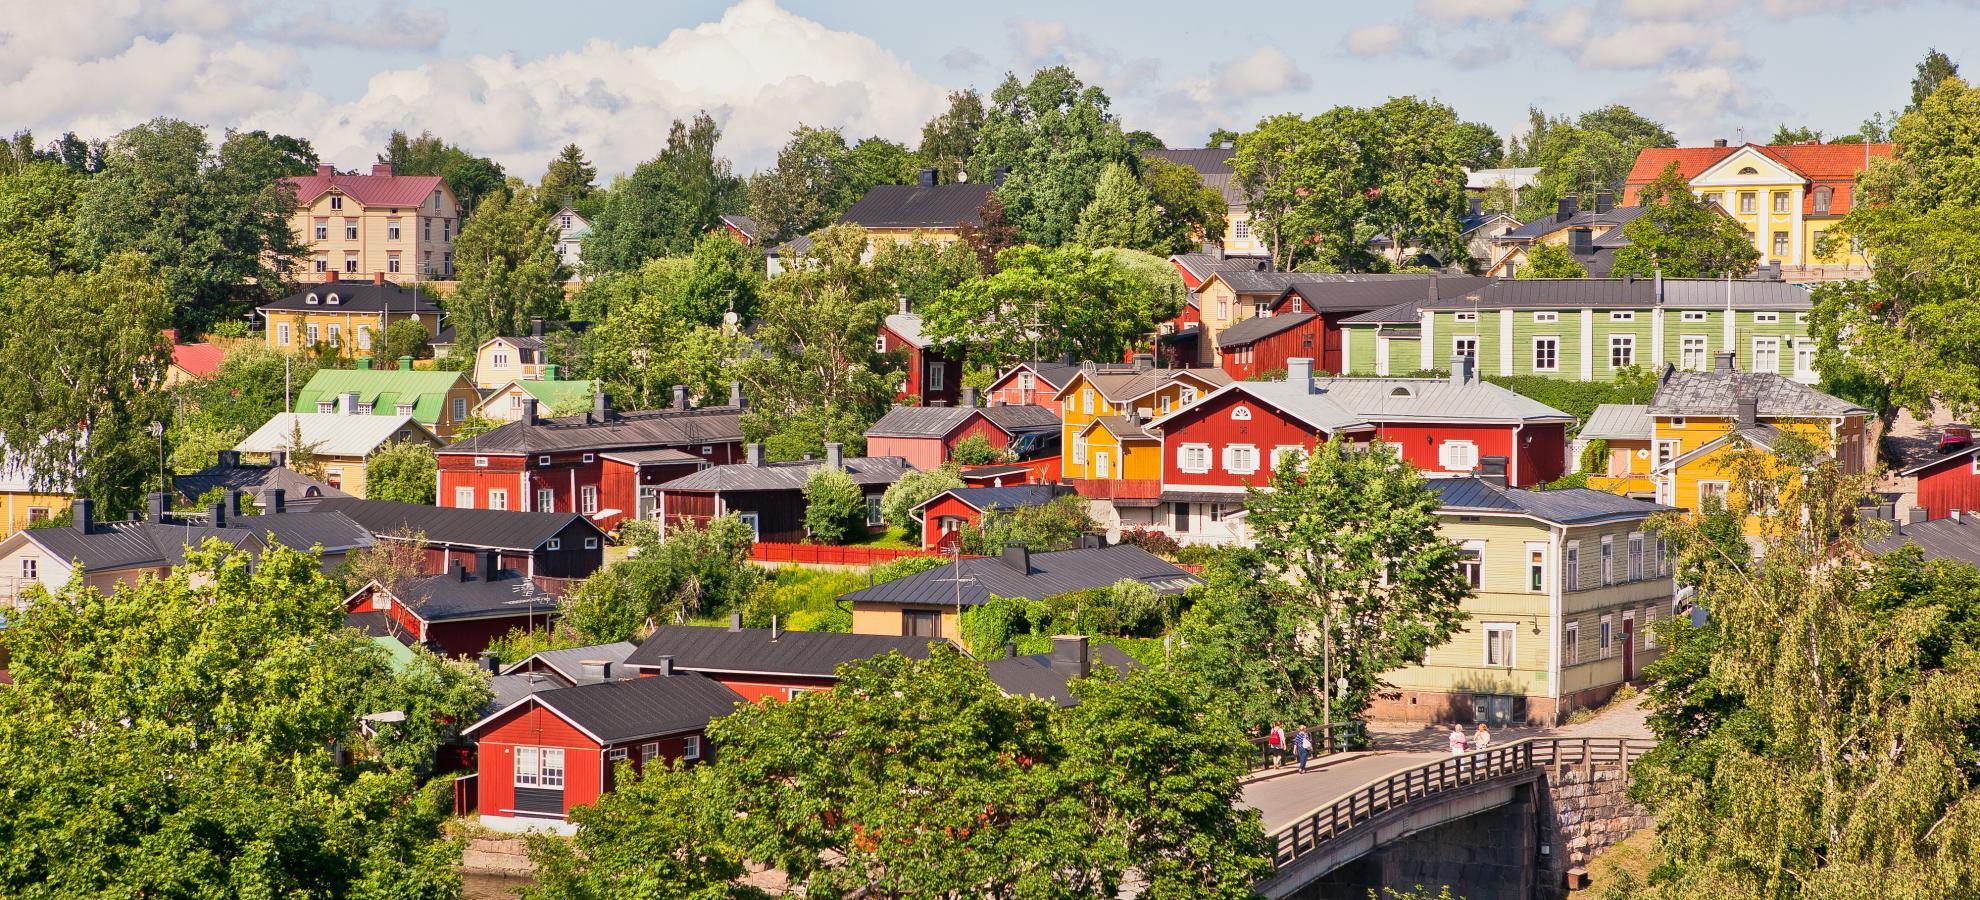 Helsinki Porvoo Etäisyys